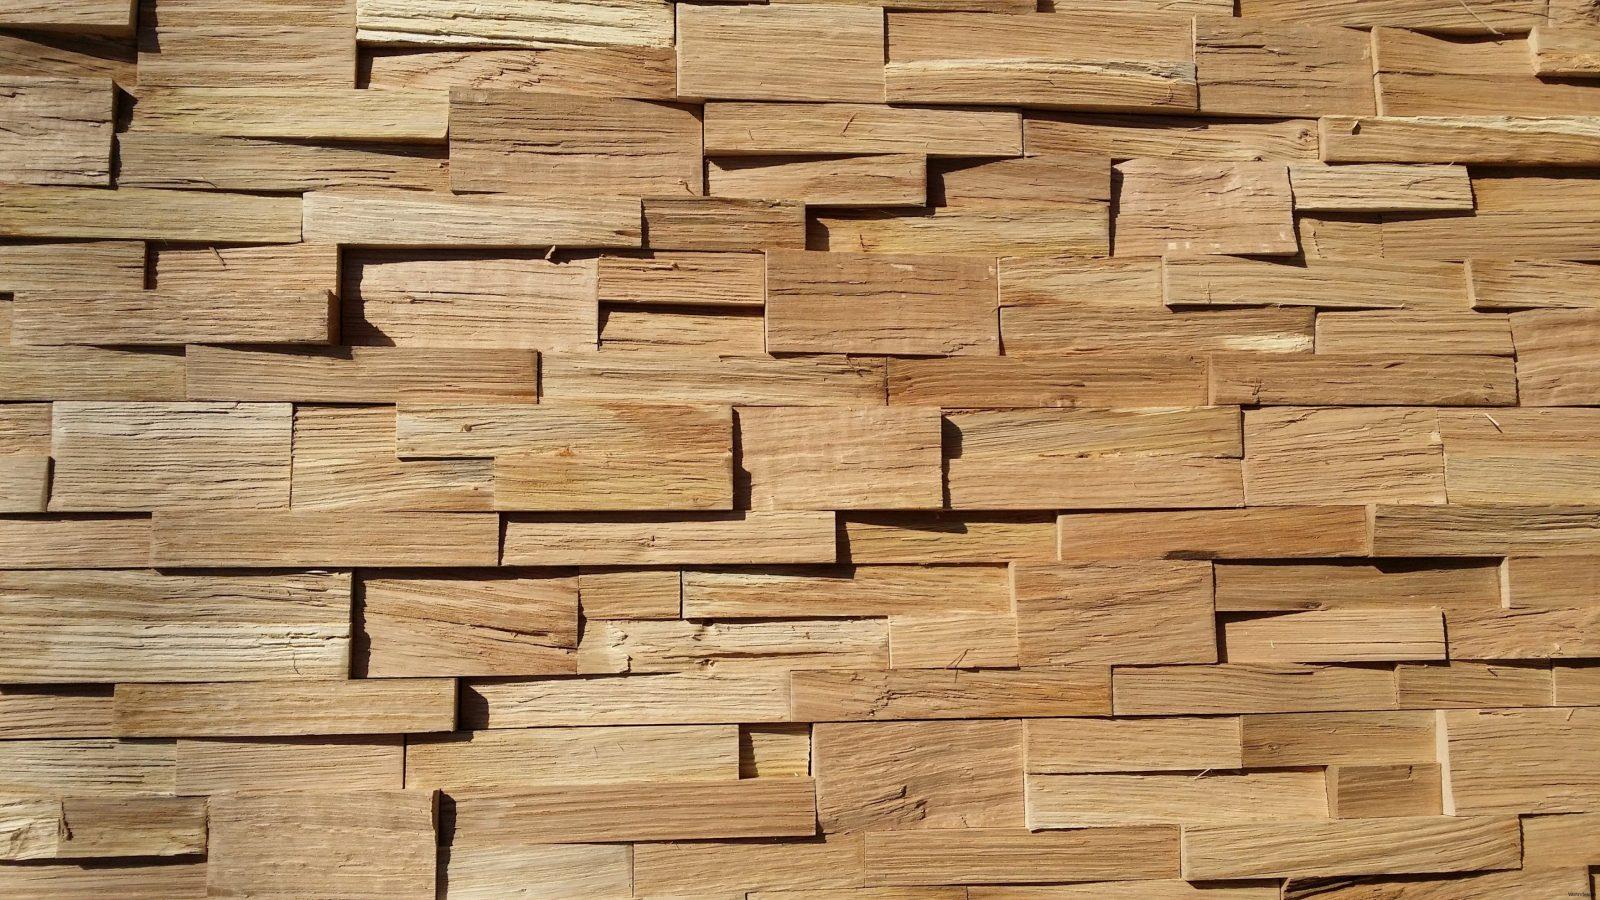 Wandverkleidung Holz Innen  Swalif von Wandverkleidung Aus Holz Innen Photo